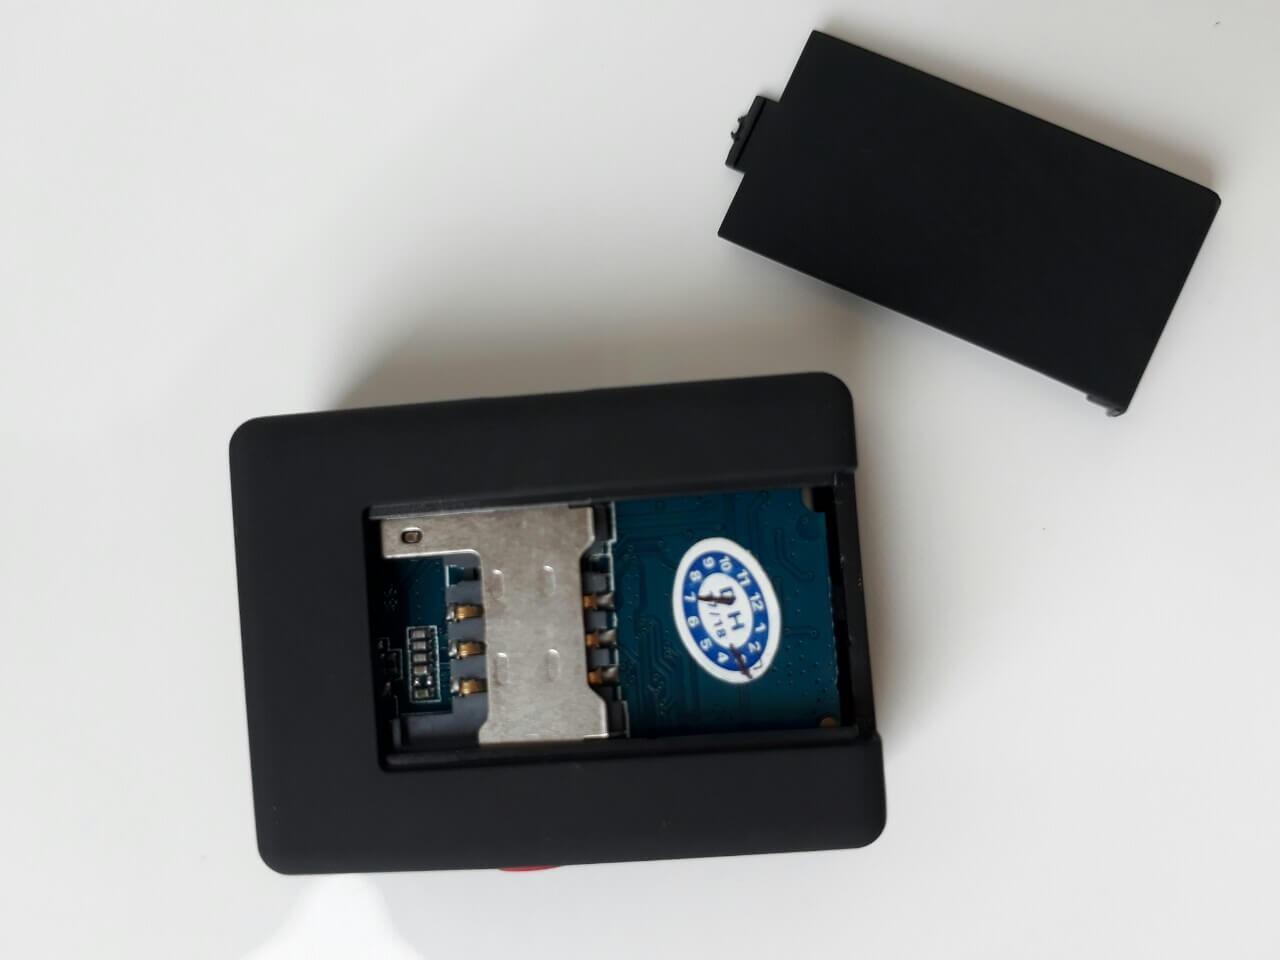 Máy nghe lén siêu nhỏ mini A8 thế hệ mới, nghe lén siêu chuẩn xác